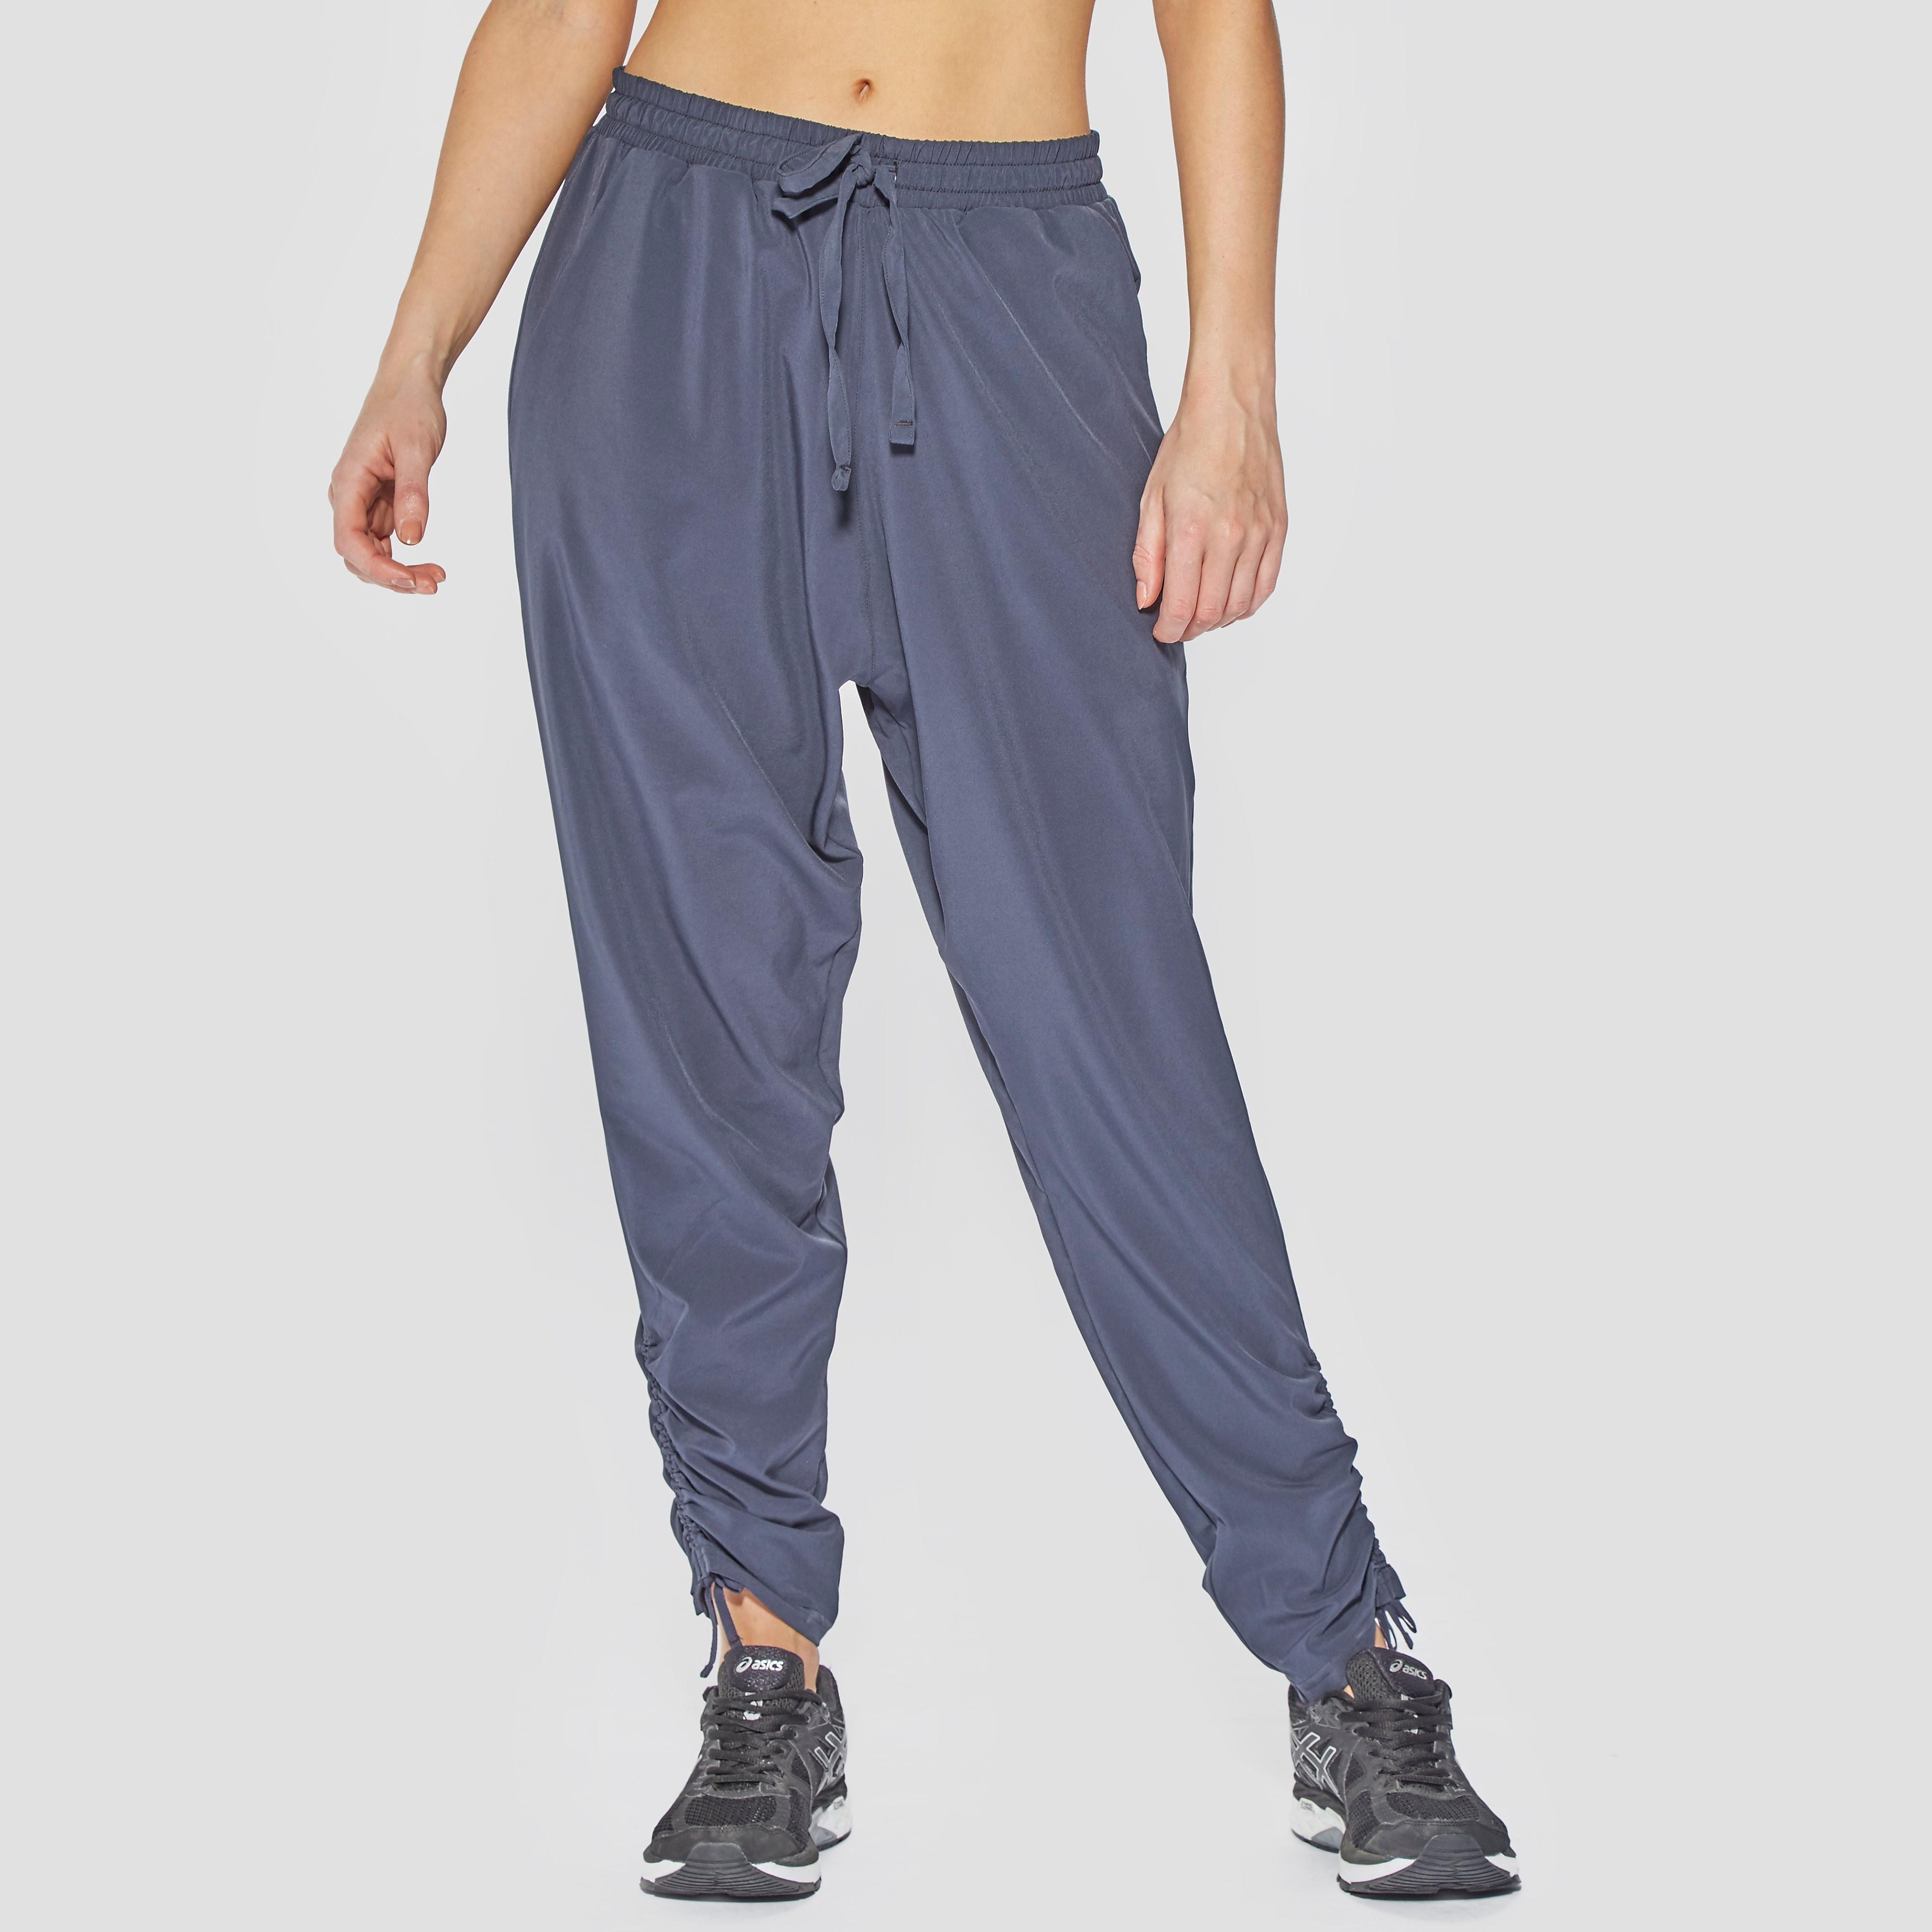 New Balance Shanti Soft Women's Pants